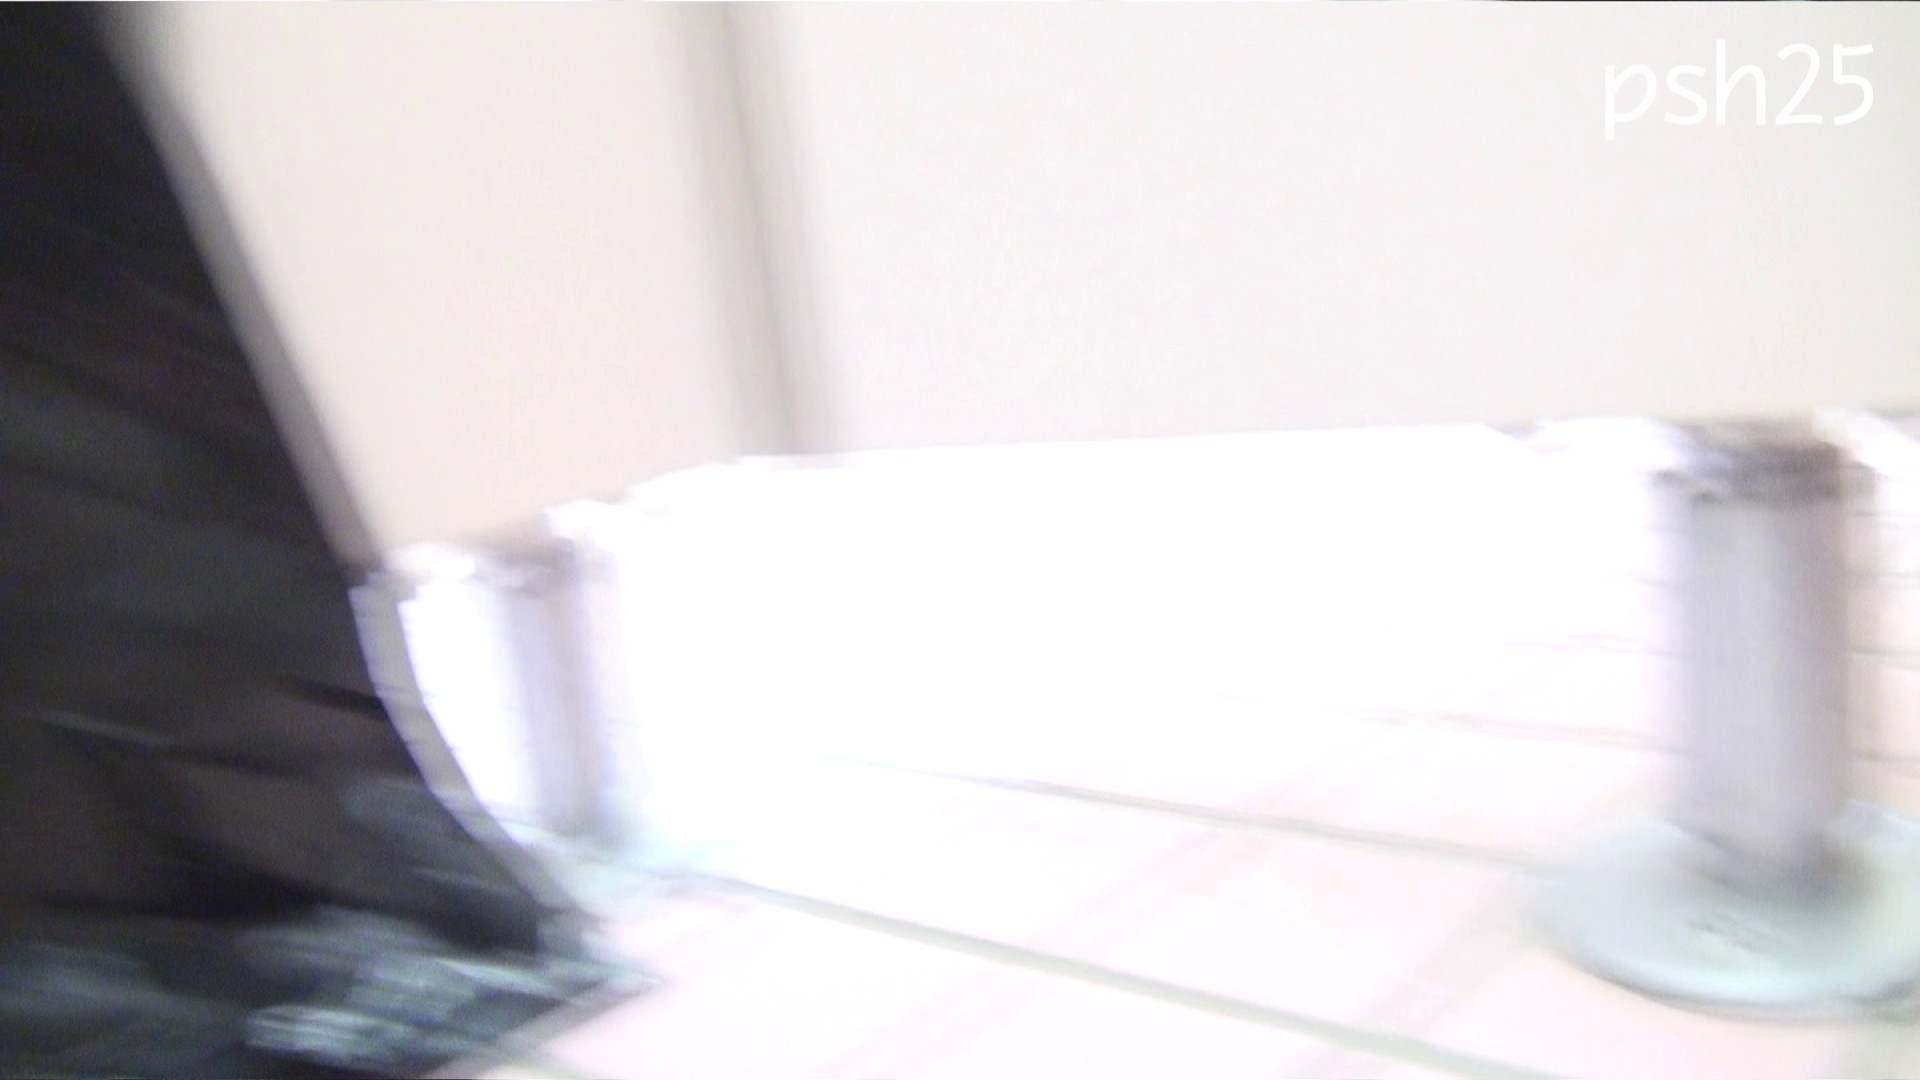 ▲復活限定▲ハイビジョン 盗神伝 Vol.25 洗面所のぞき すけべAV動画紹介 98枚 6